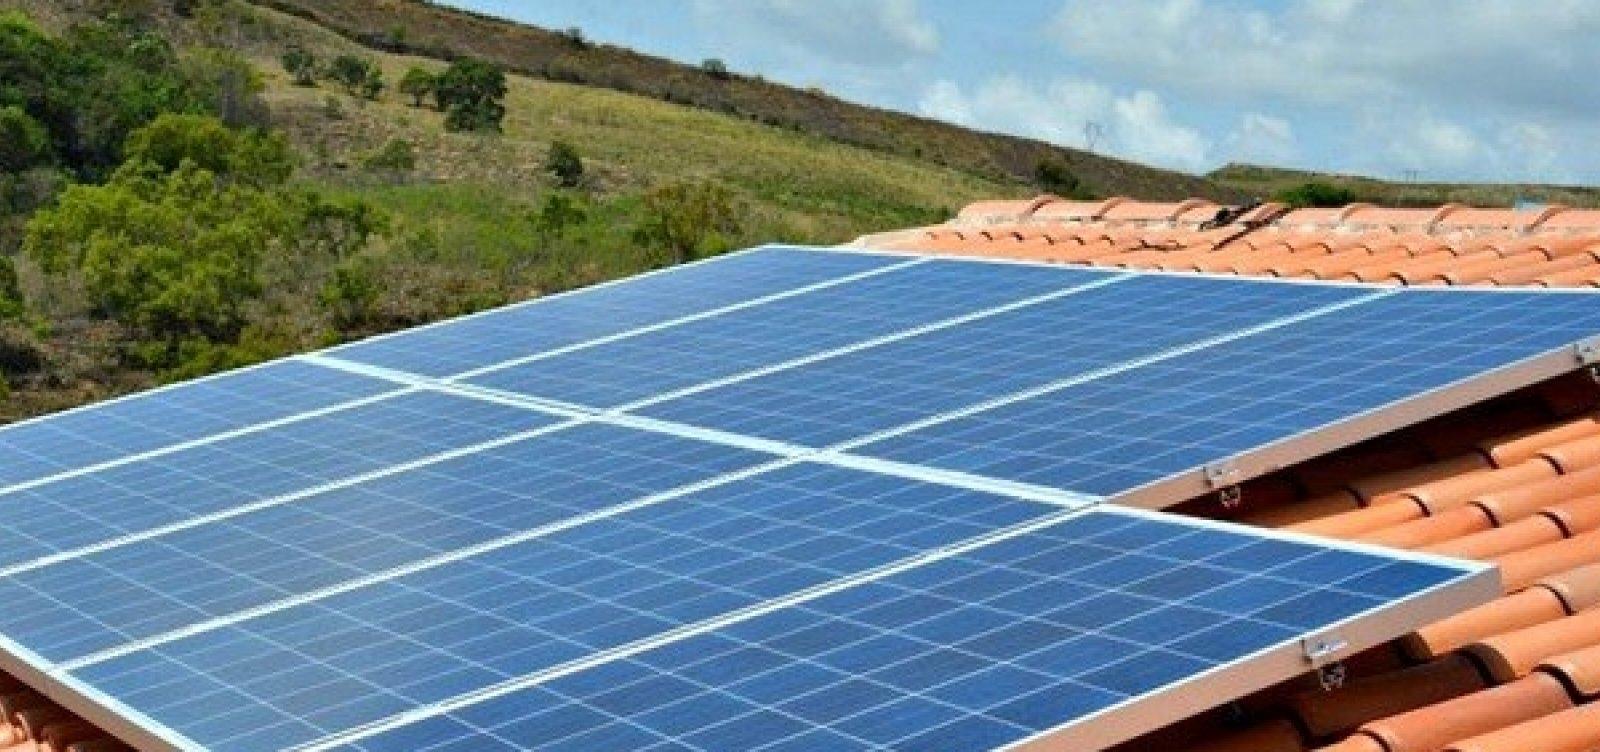 [Coelba vai vender placas de energia solar pela metade do preço]